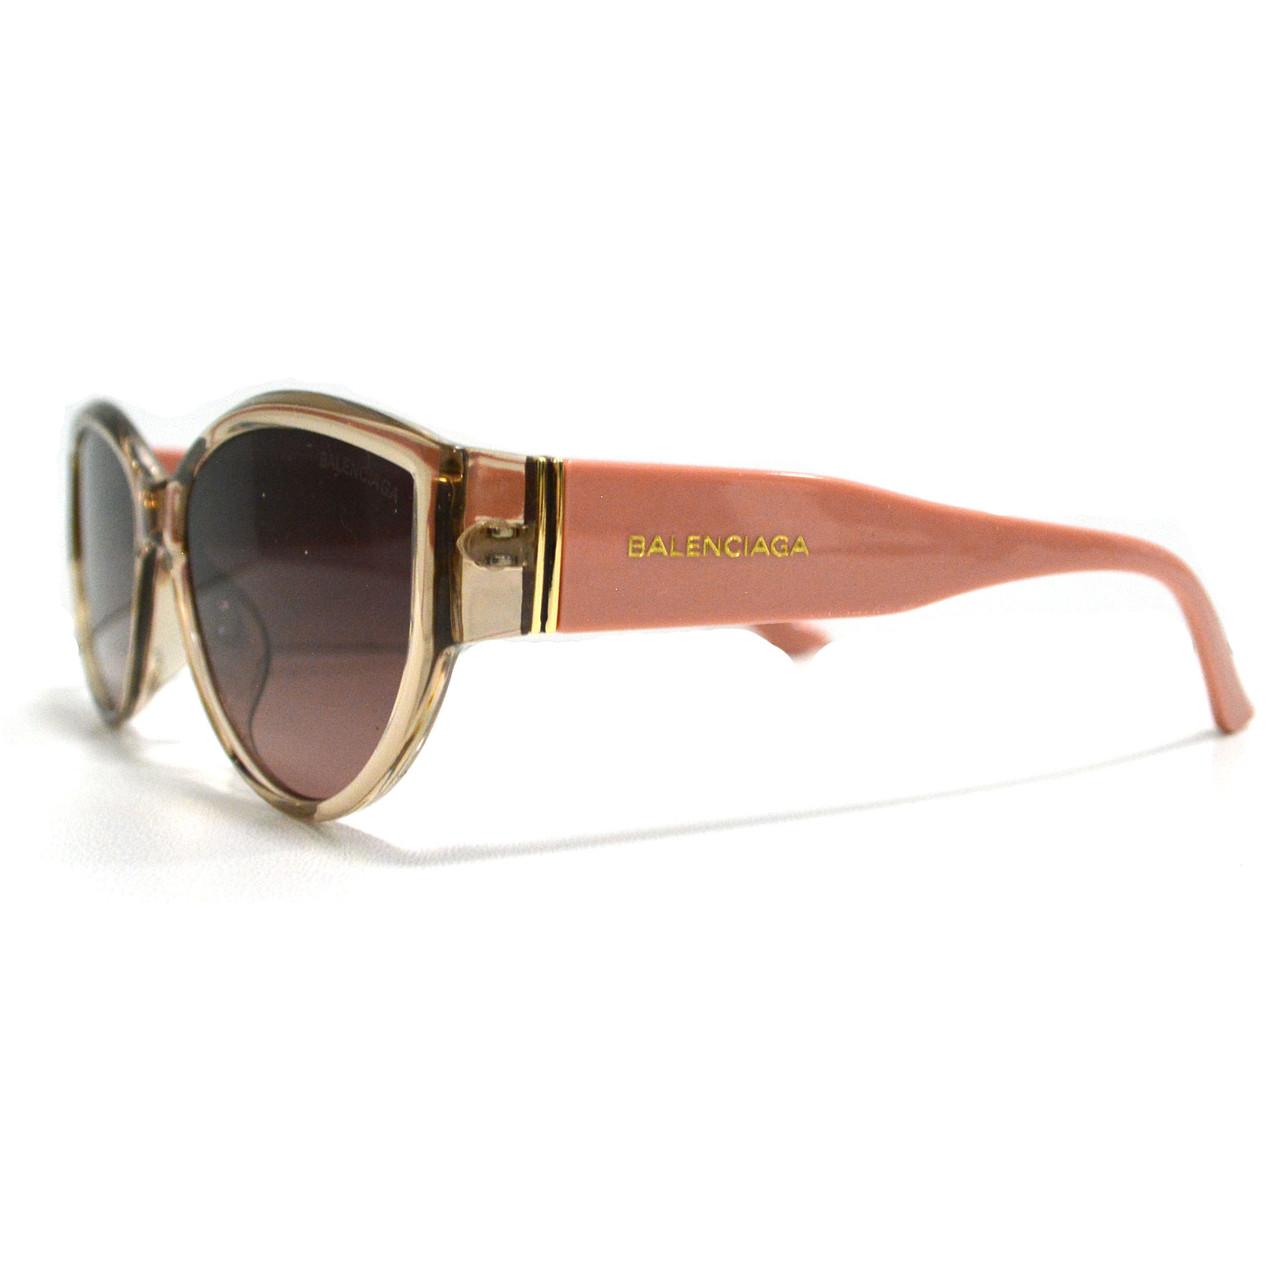 Солнцезащитные очки с коричневыми стеклами с широкой розовой дужкой Balenciaga 2125 - фото 3